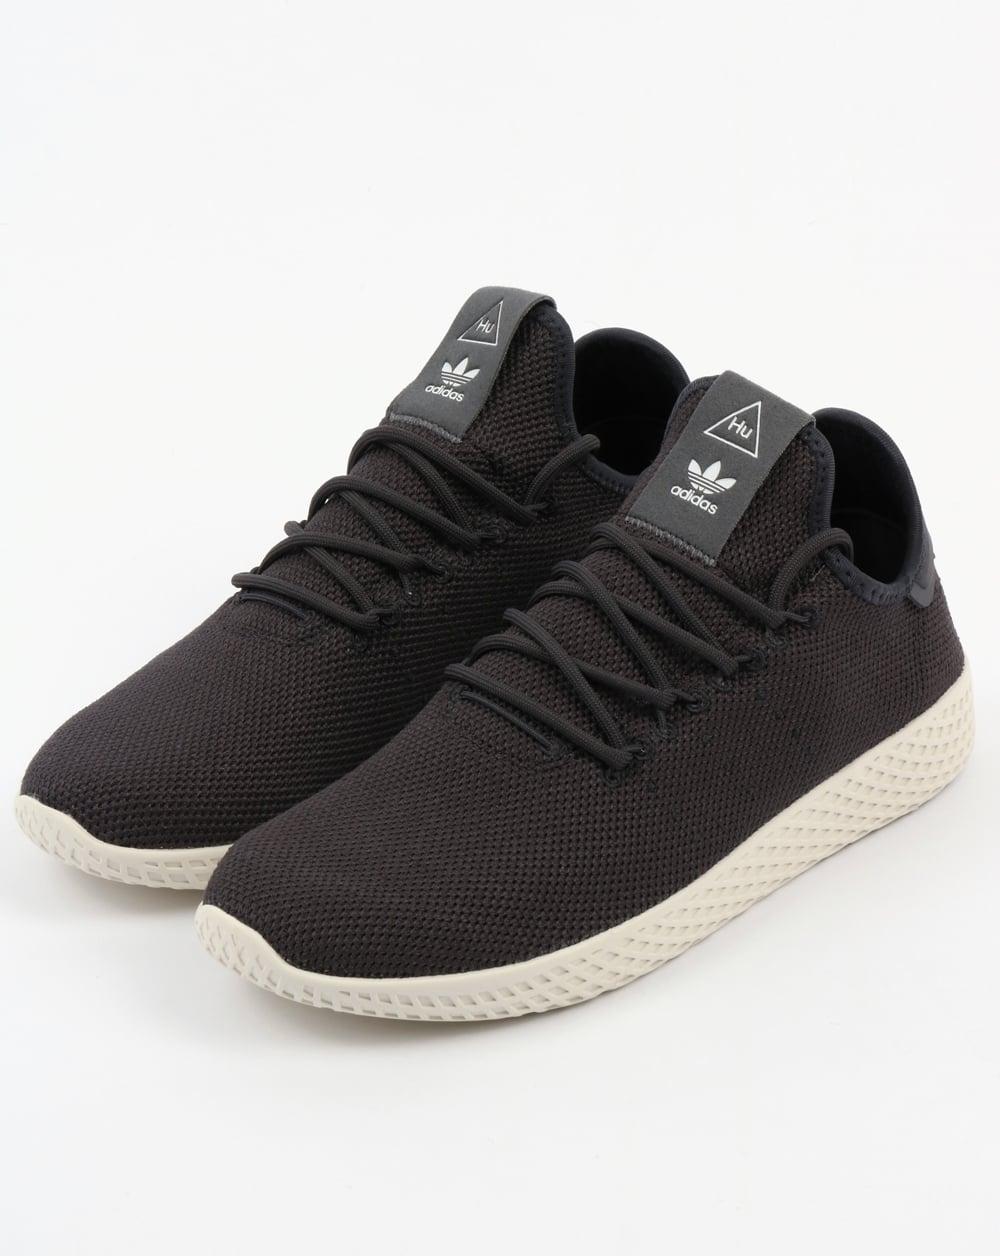 suspicaz Oxidar Estadístico  Adidas PW Tennis HU Trainers Carbon/White,pharrell williams,shoes